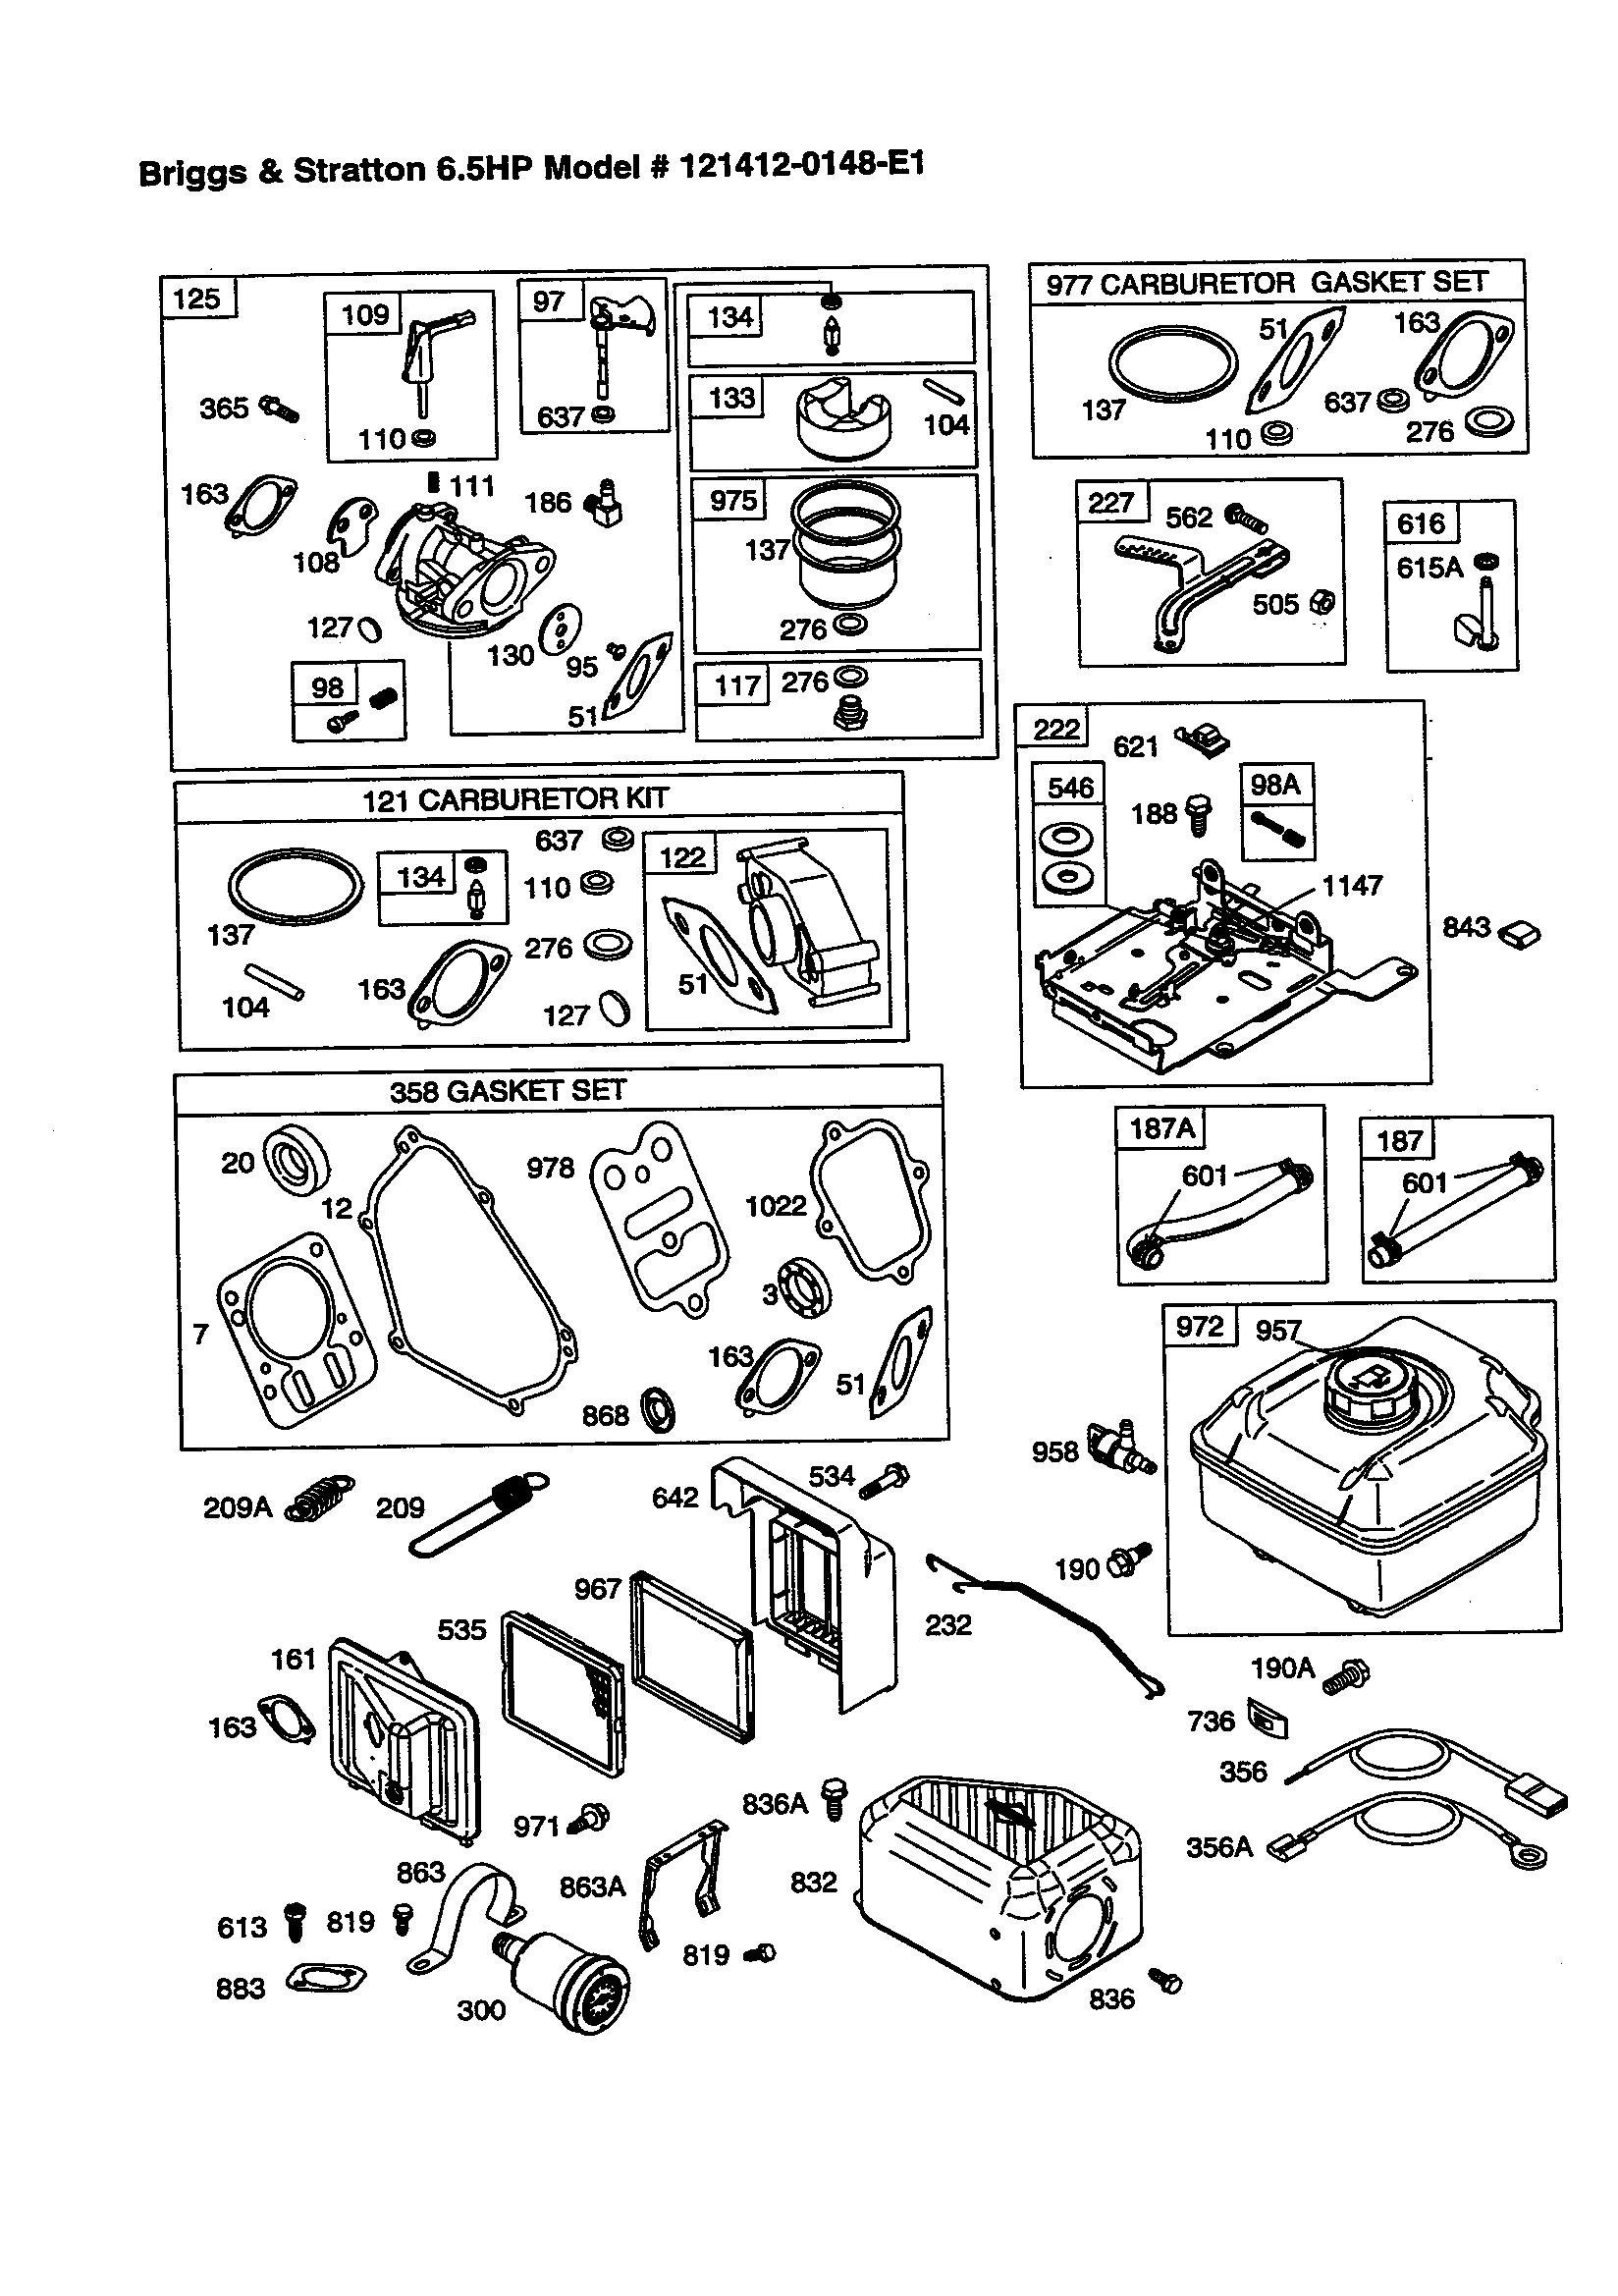 Briggs Stratton Parts Diagram Fancy Briggs and Stratton Engine Parts Diagram Vignette Electrical